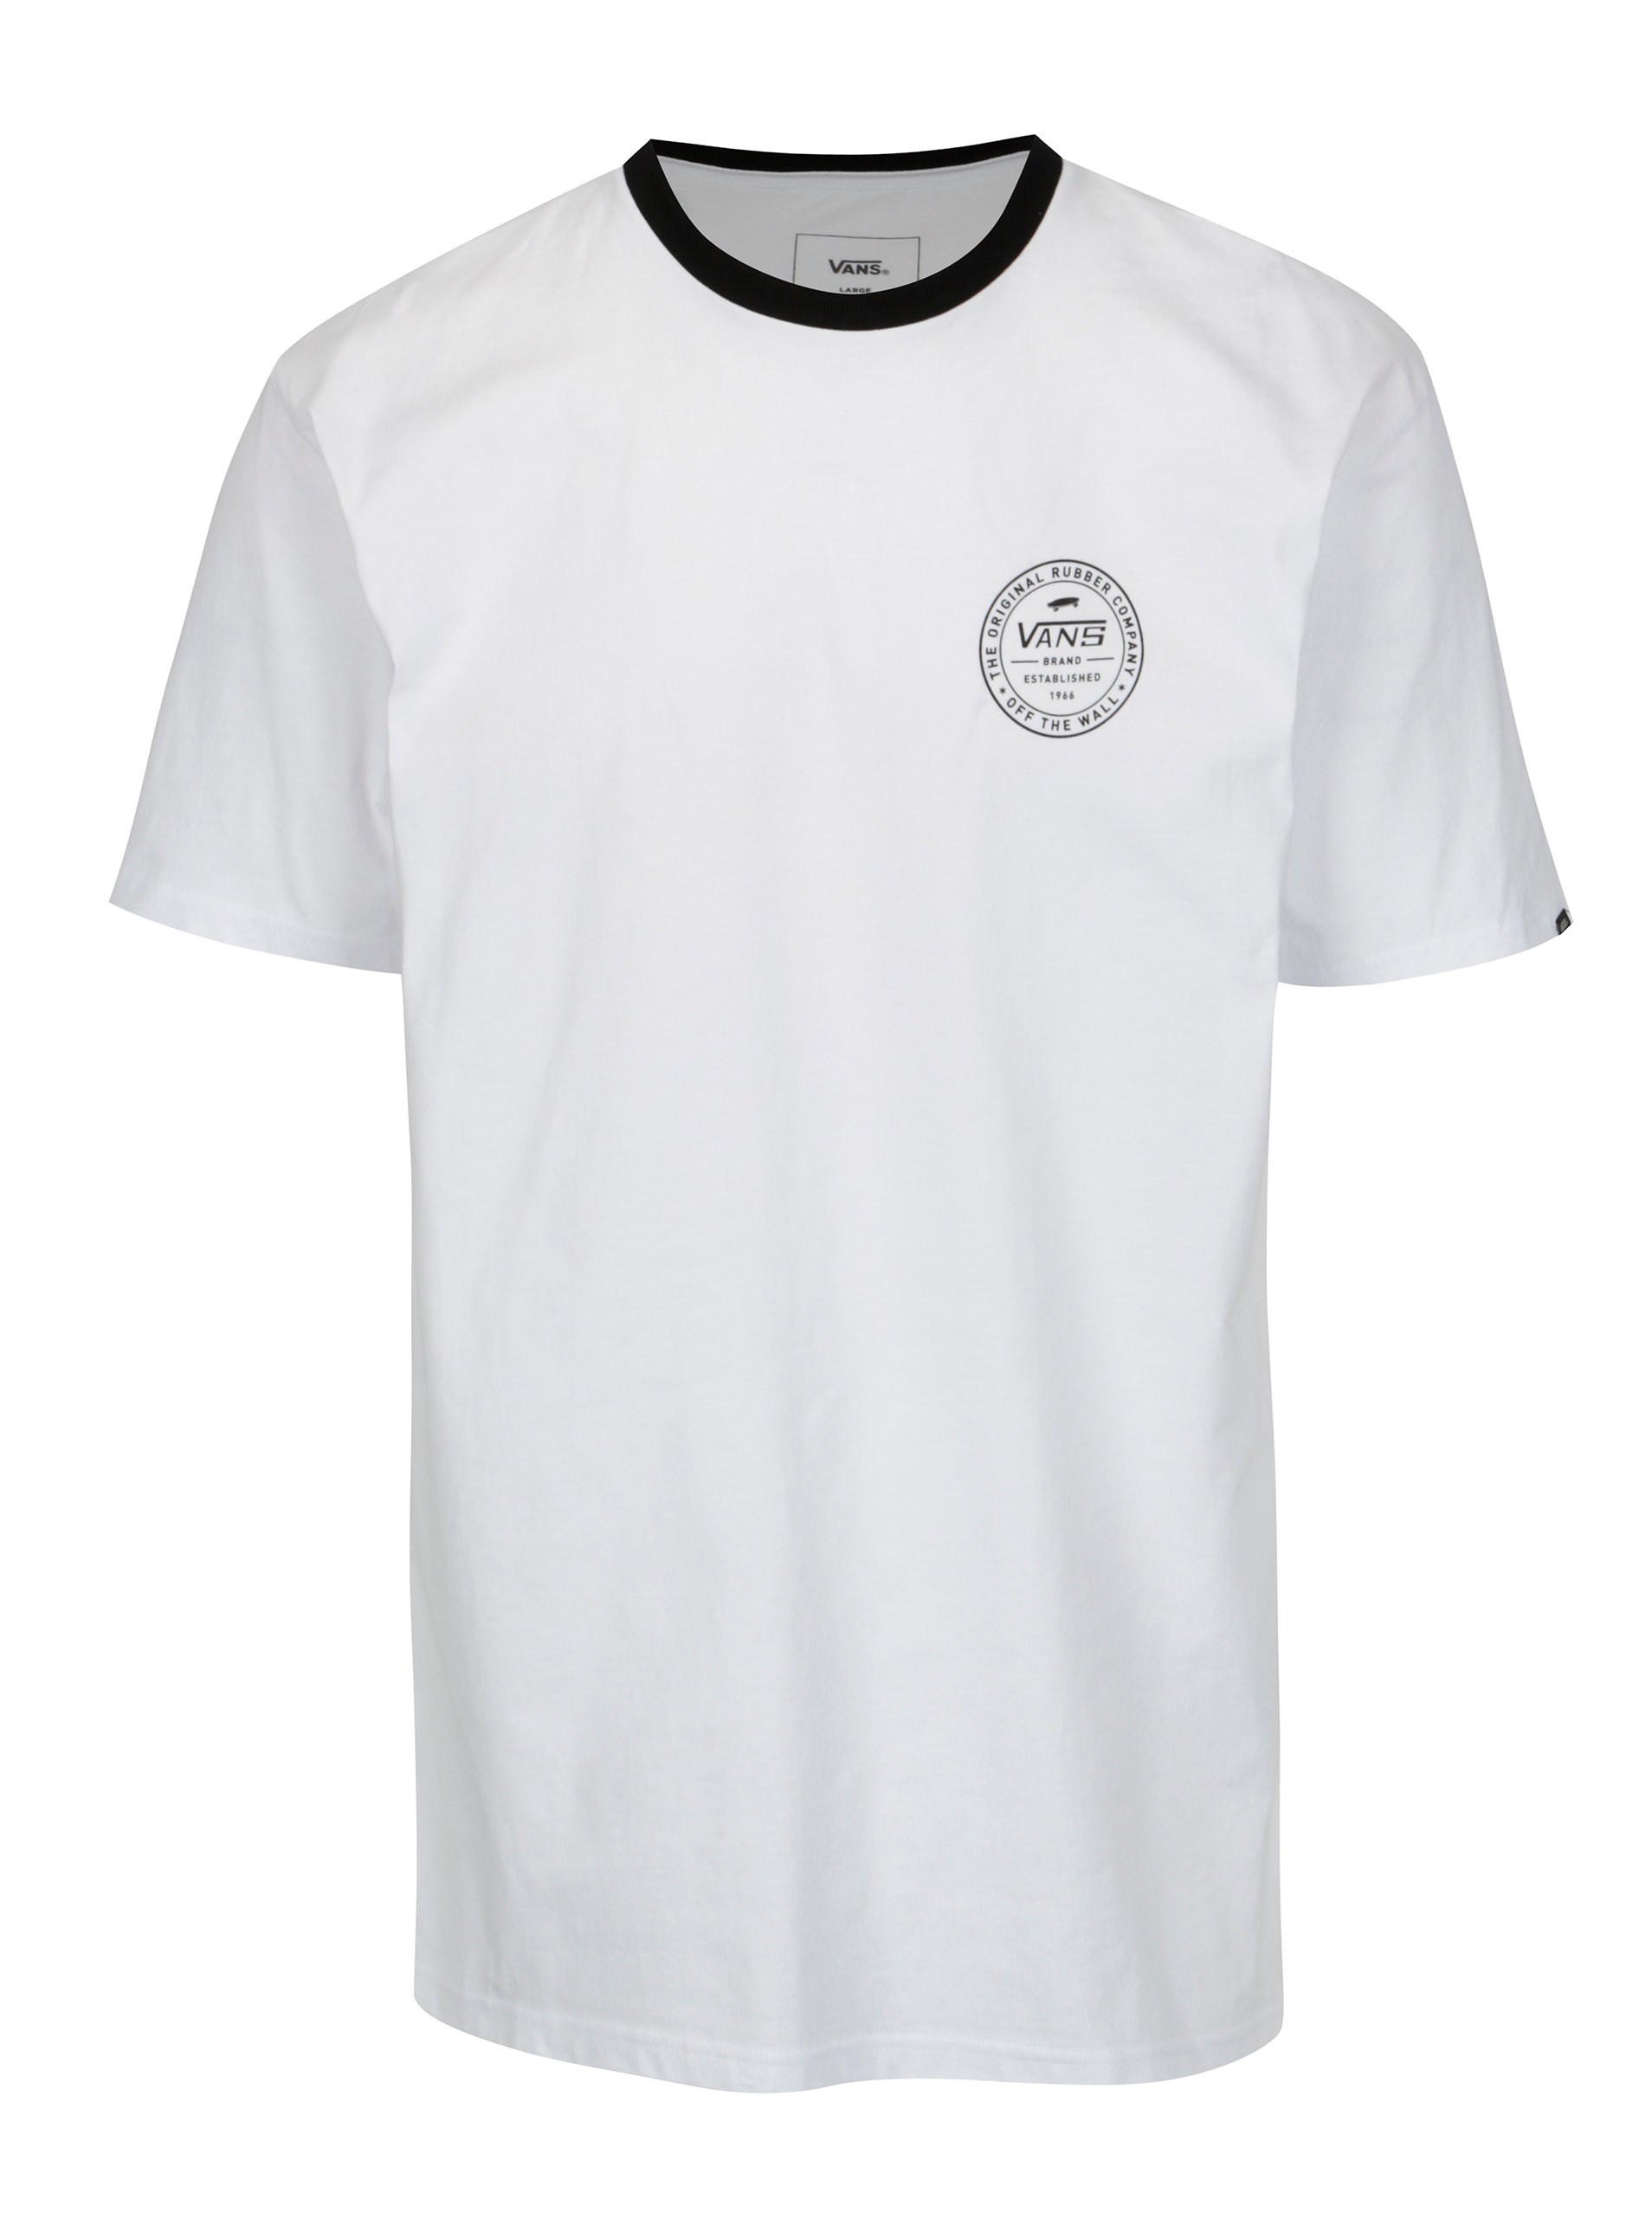 Čierno-biele pánske tričko VANS Established ... 7e93c8d2f28